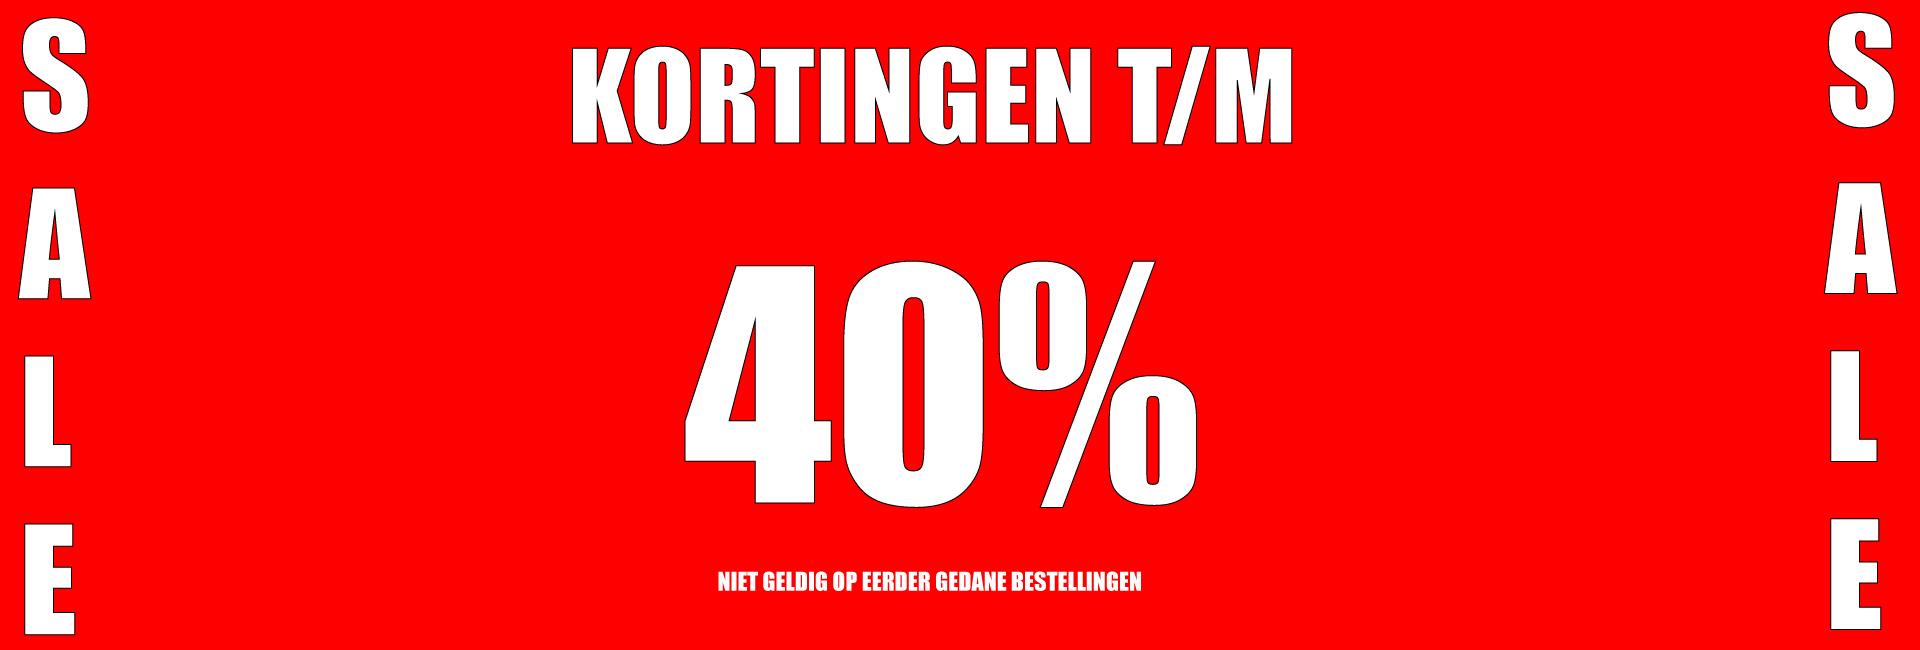 Kortingen t/m 40%